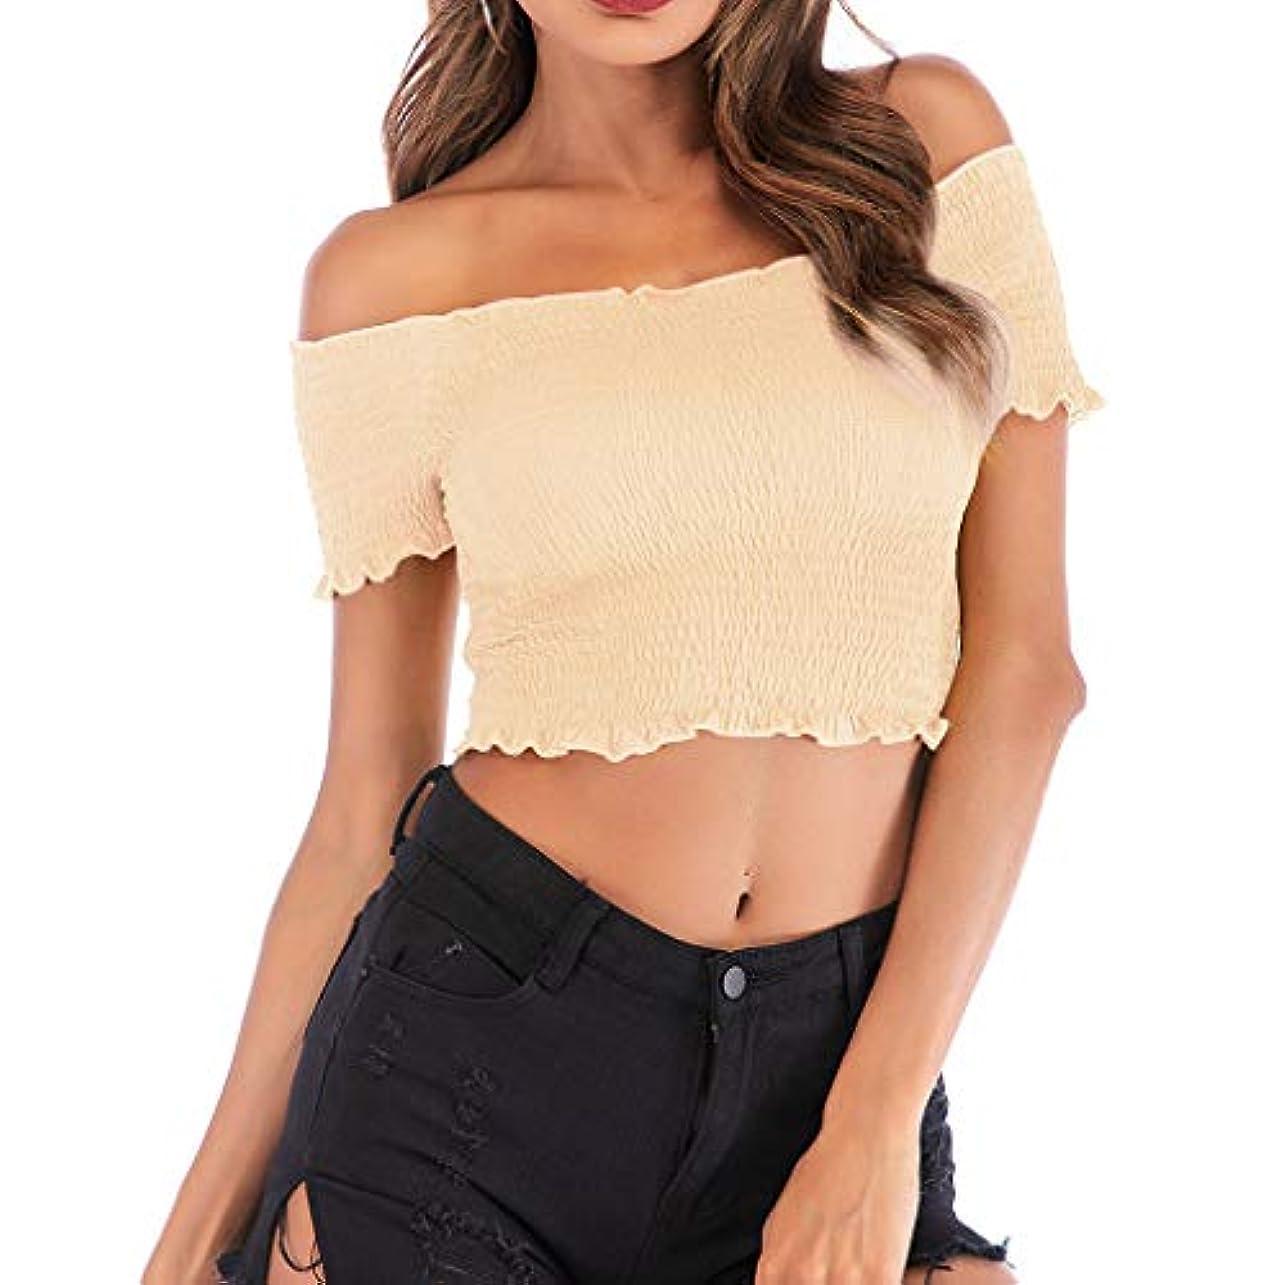 女性のしわストラップレス半袖トップスカジュアルカジュアルフリルタイツツイストショートTシャツ (ベージュ, L)